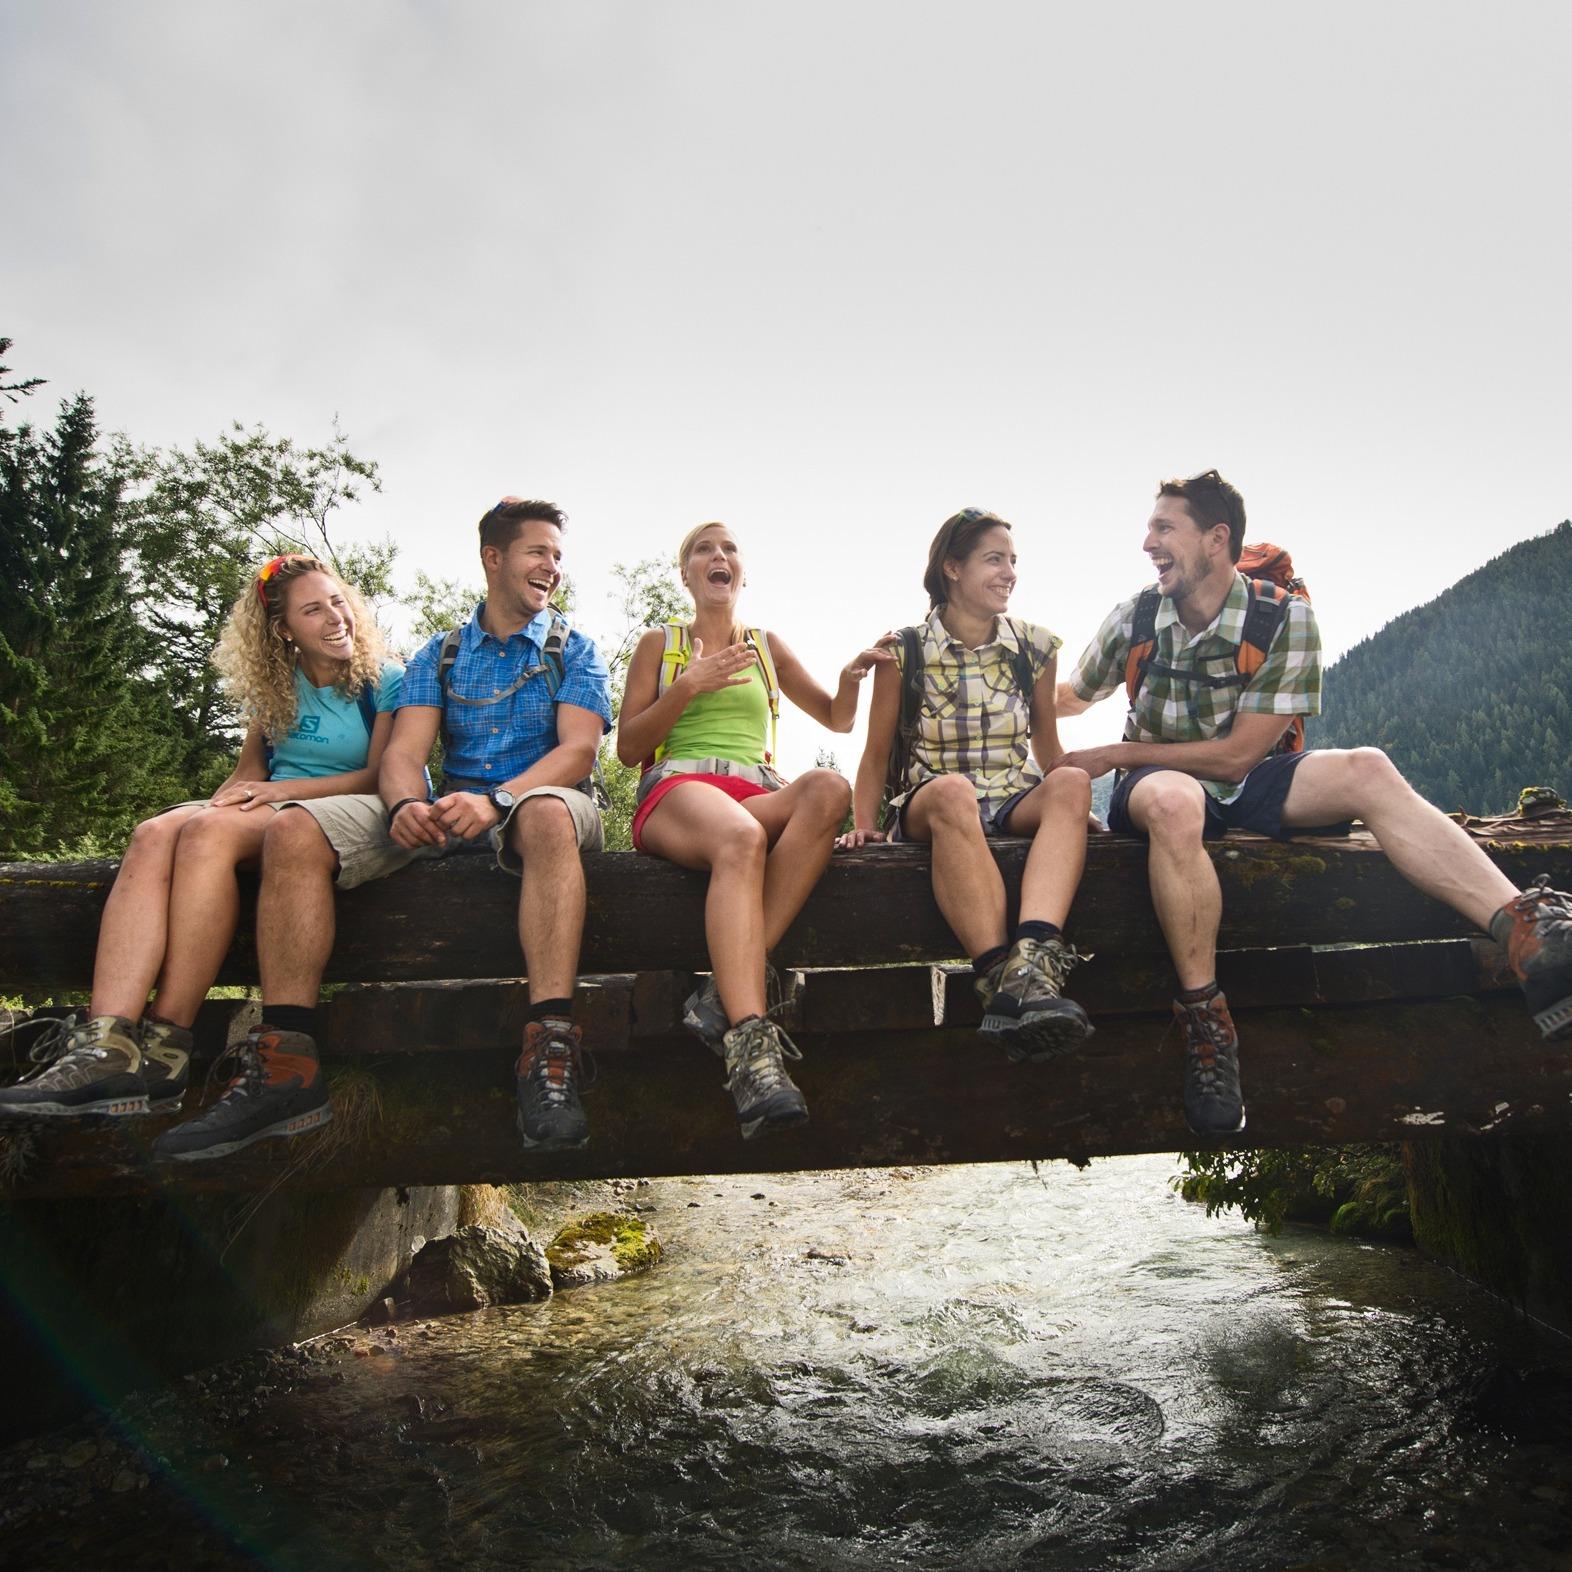 Sanfte-Sportmoeglichkeiten Wandern Bikehotel Tauernhof